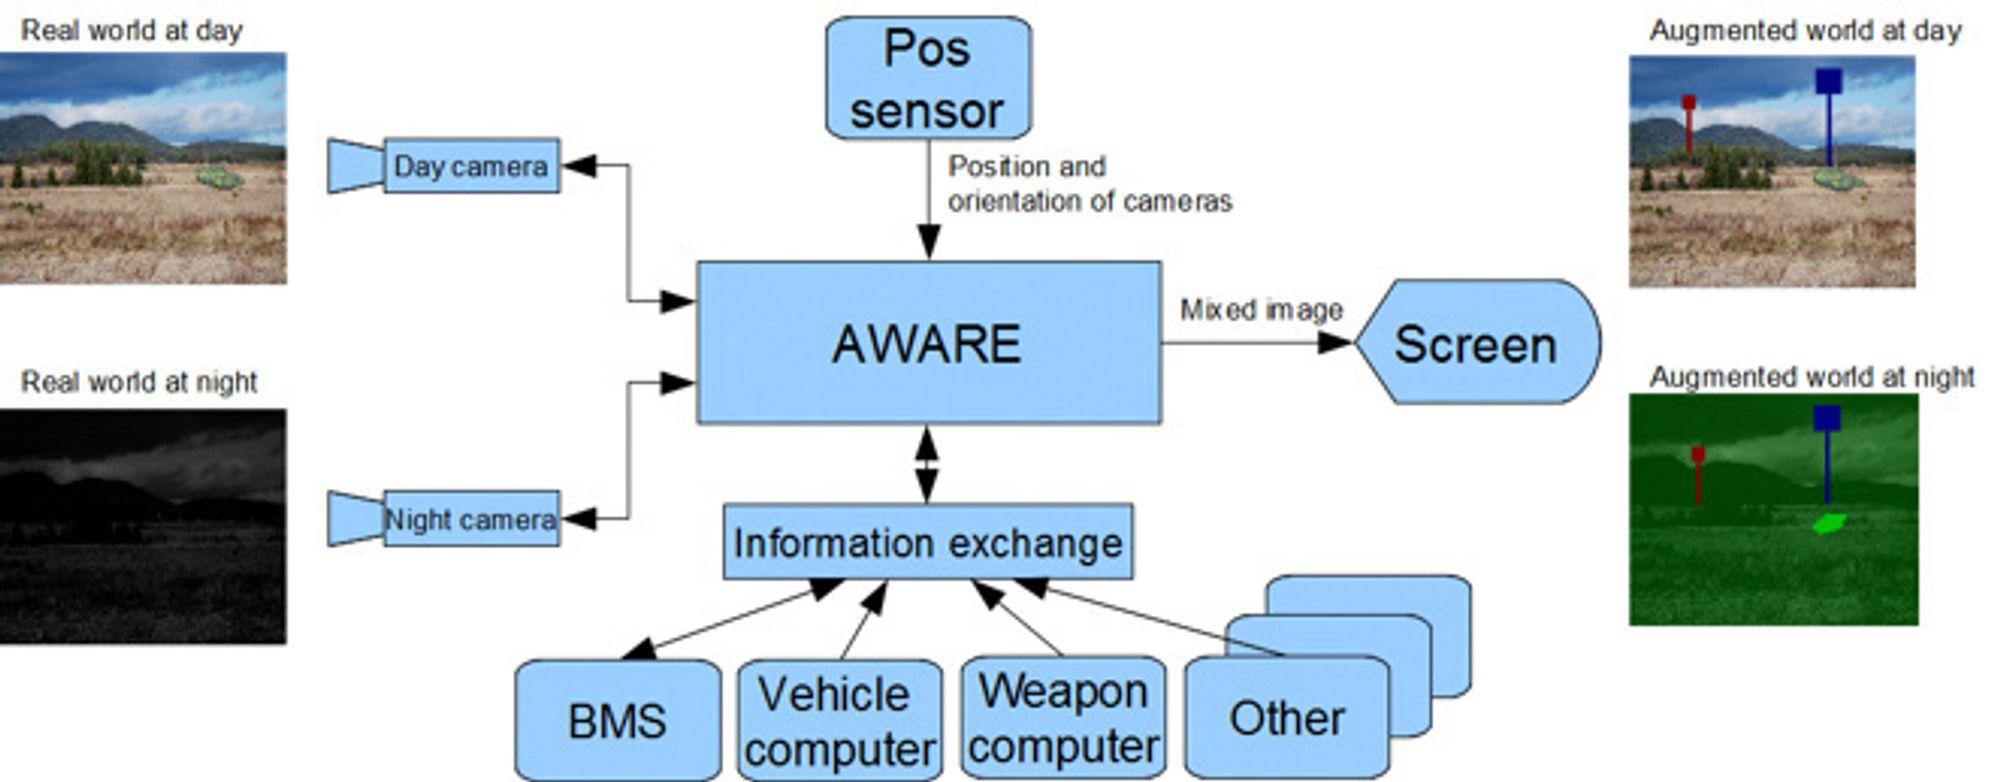 informasjonsutveksling mellom konkurrenter